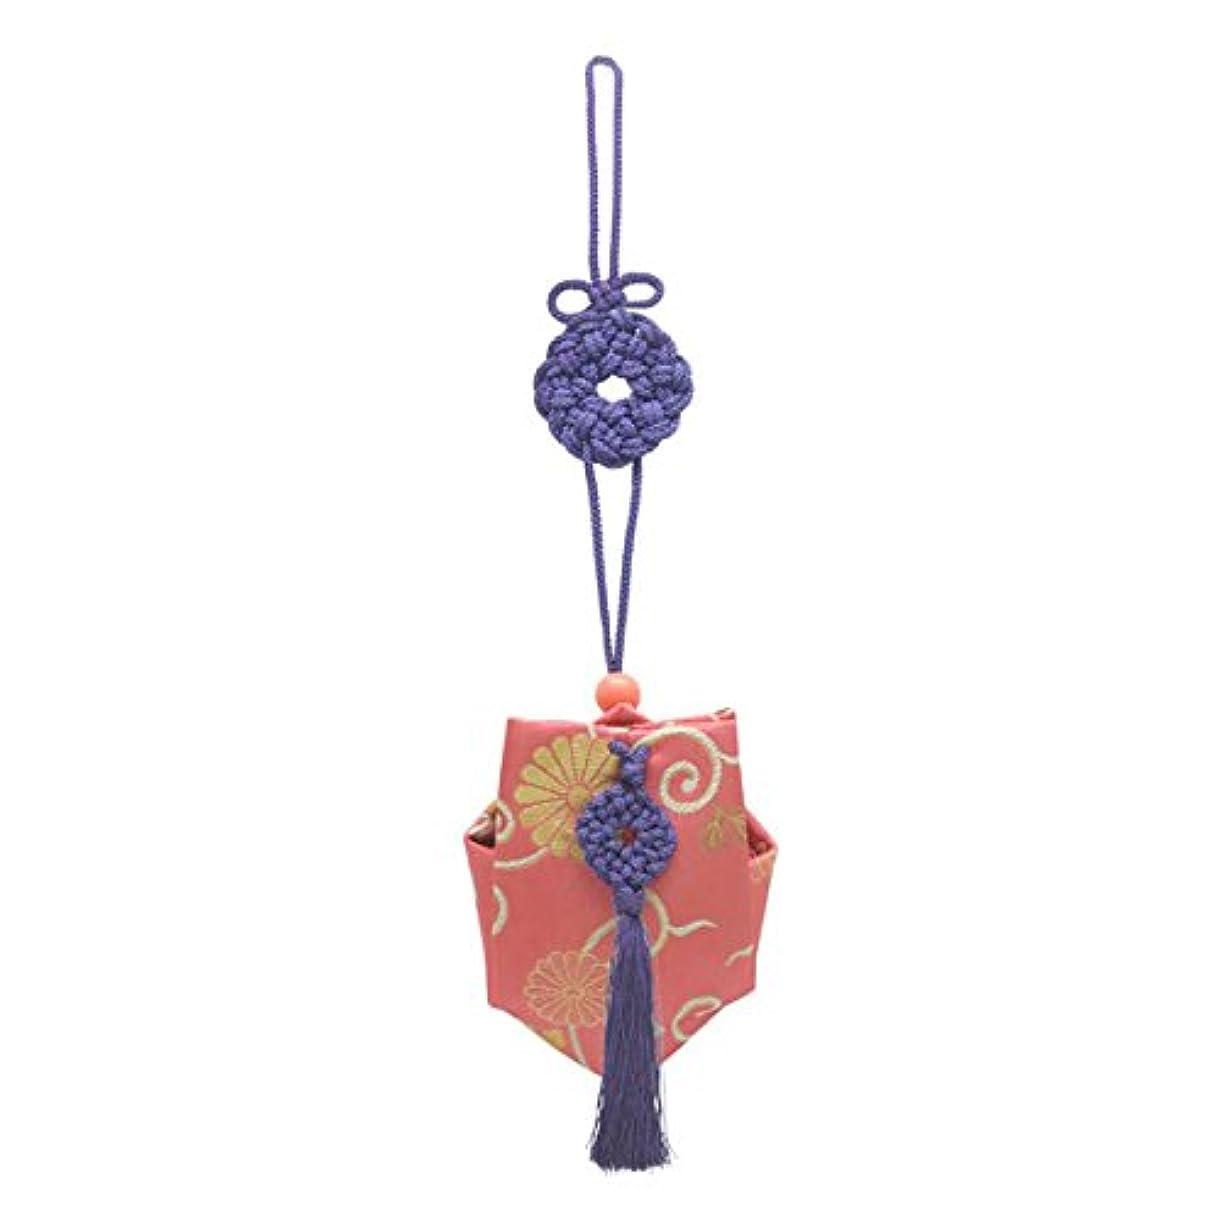 ティッシュ右範囲訶梨勒 上品 紙箱入  紫紐/牡丹唐草